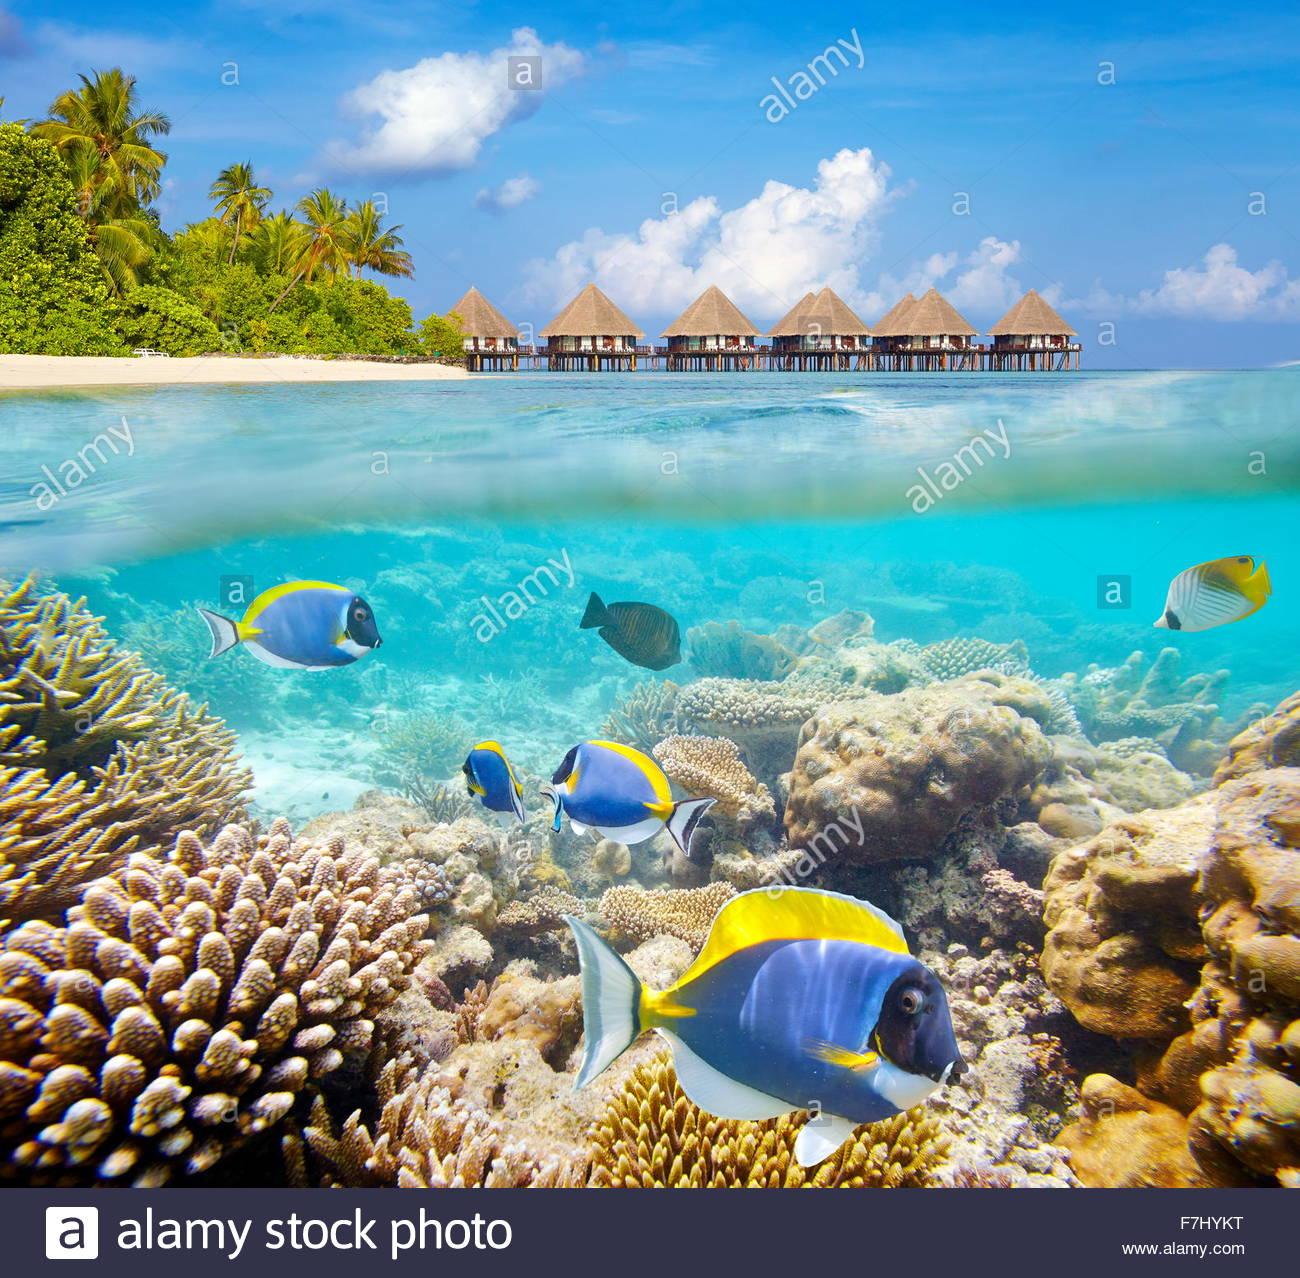 Isole delle Maldive, vista subacquea a pesci tropicali e reef Immagini Stock